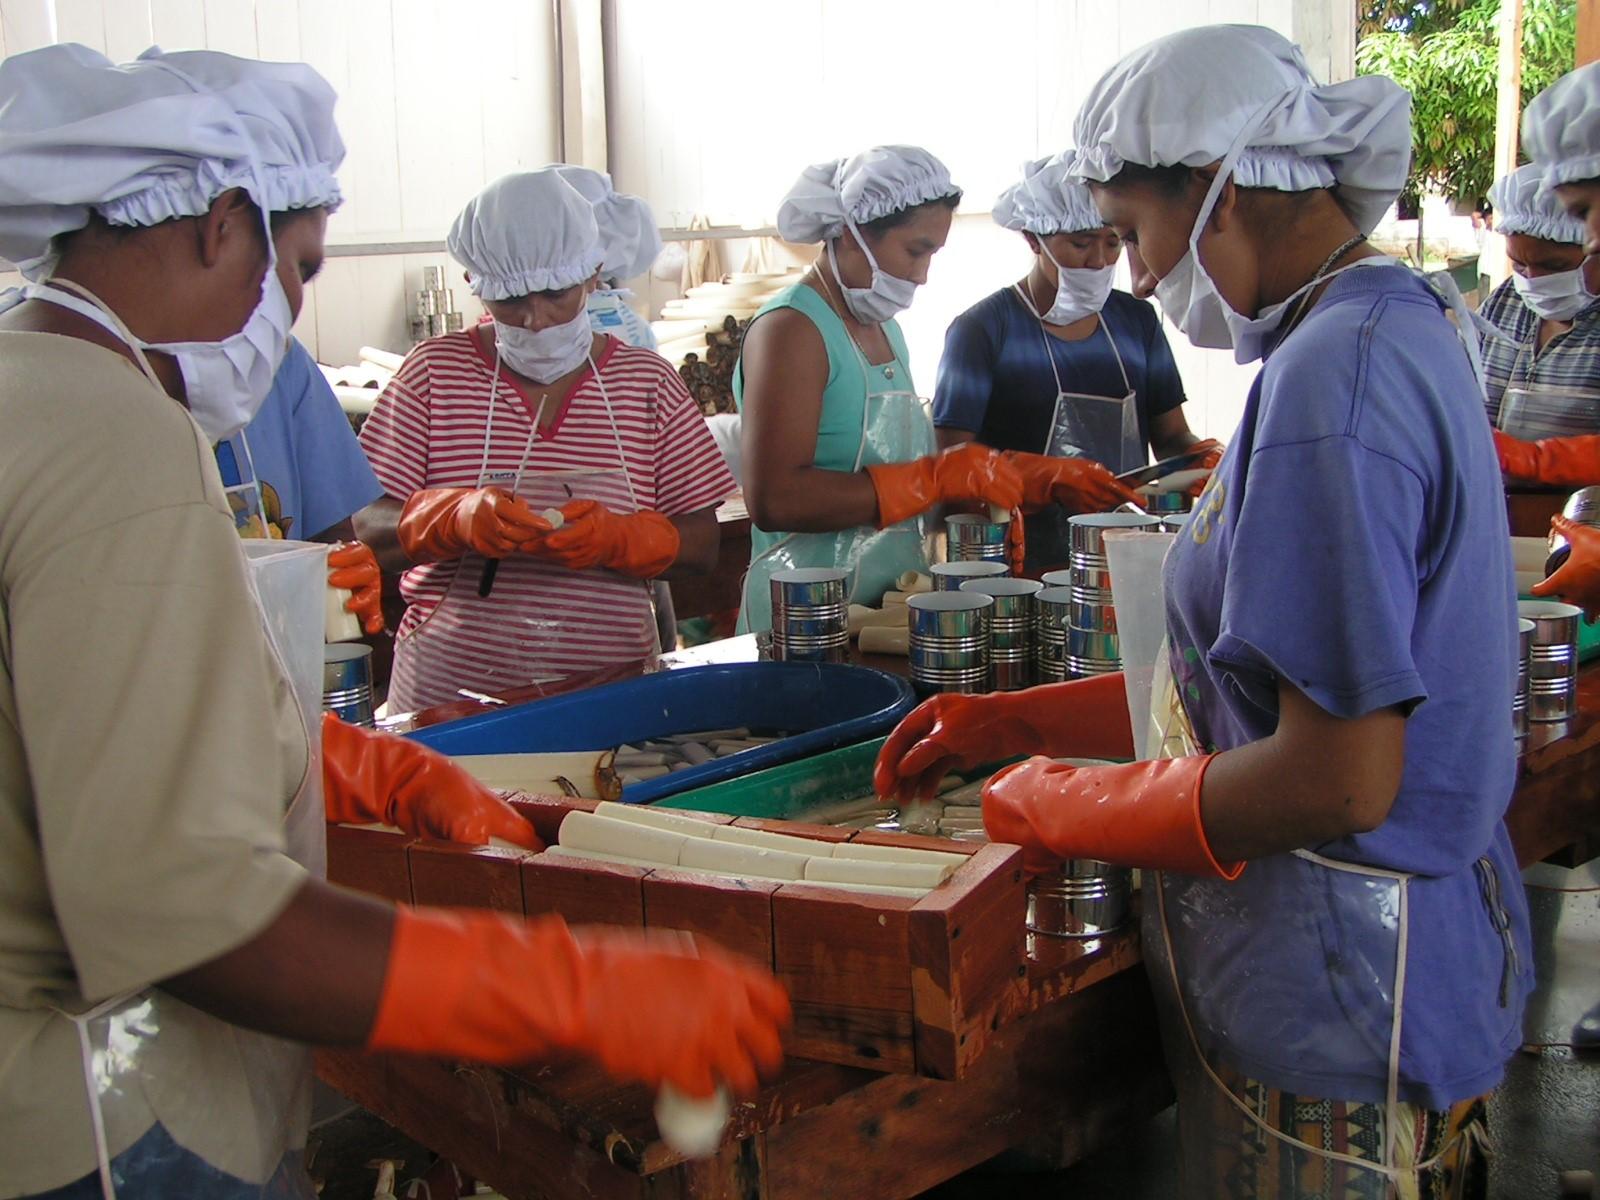 Készül a pálmaszívkonzerv egy amazóniai gyárban